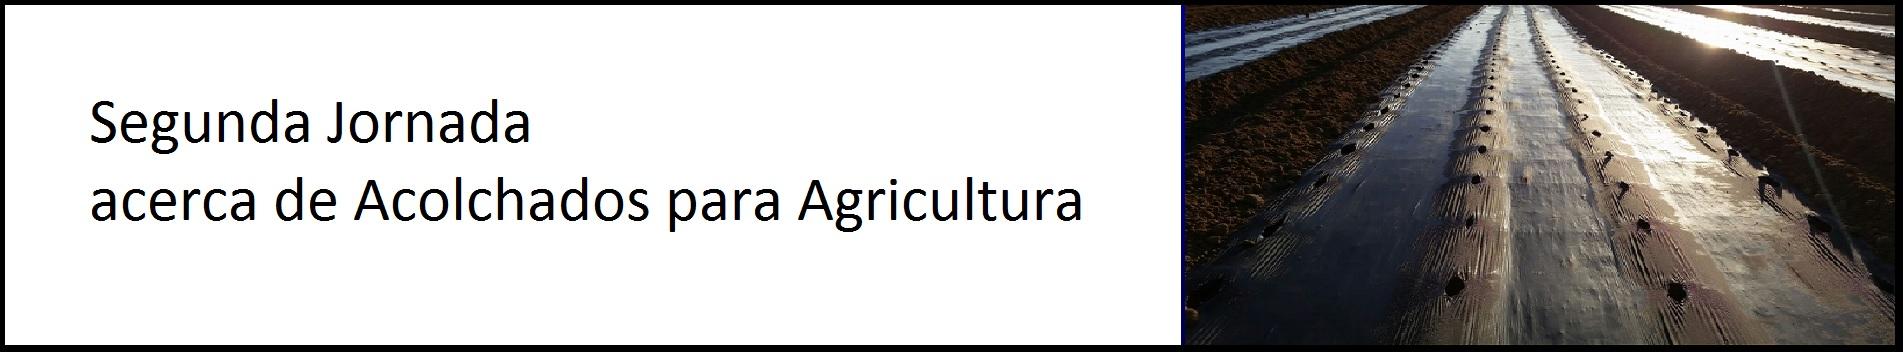 Segunda Jornada acerca de Acolchados para Agricultura